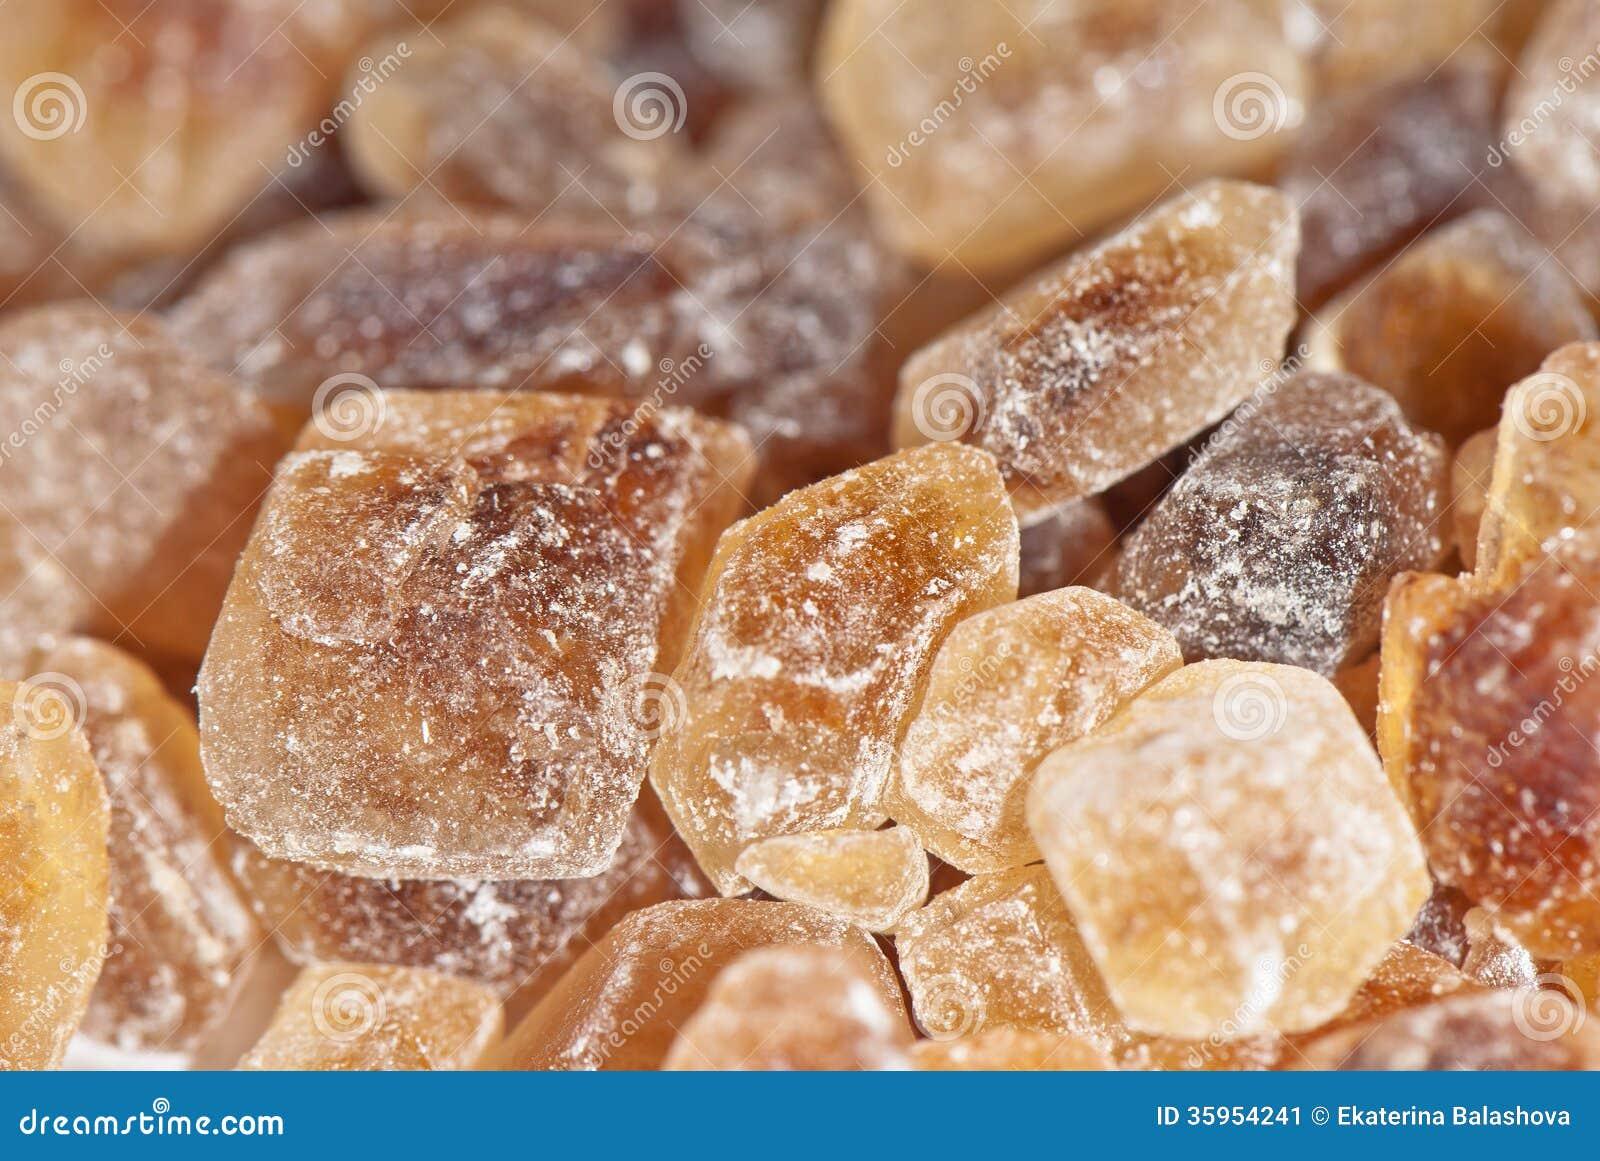 Azúcar de caña